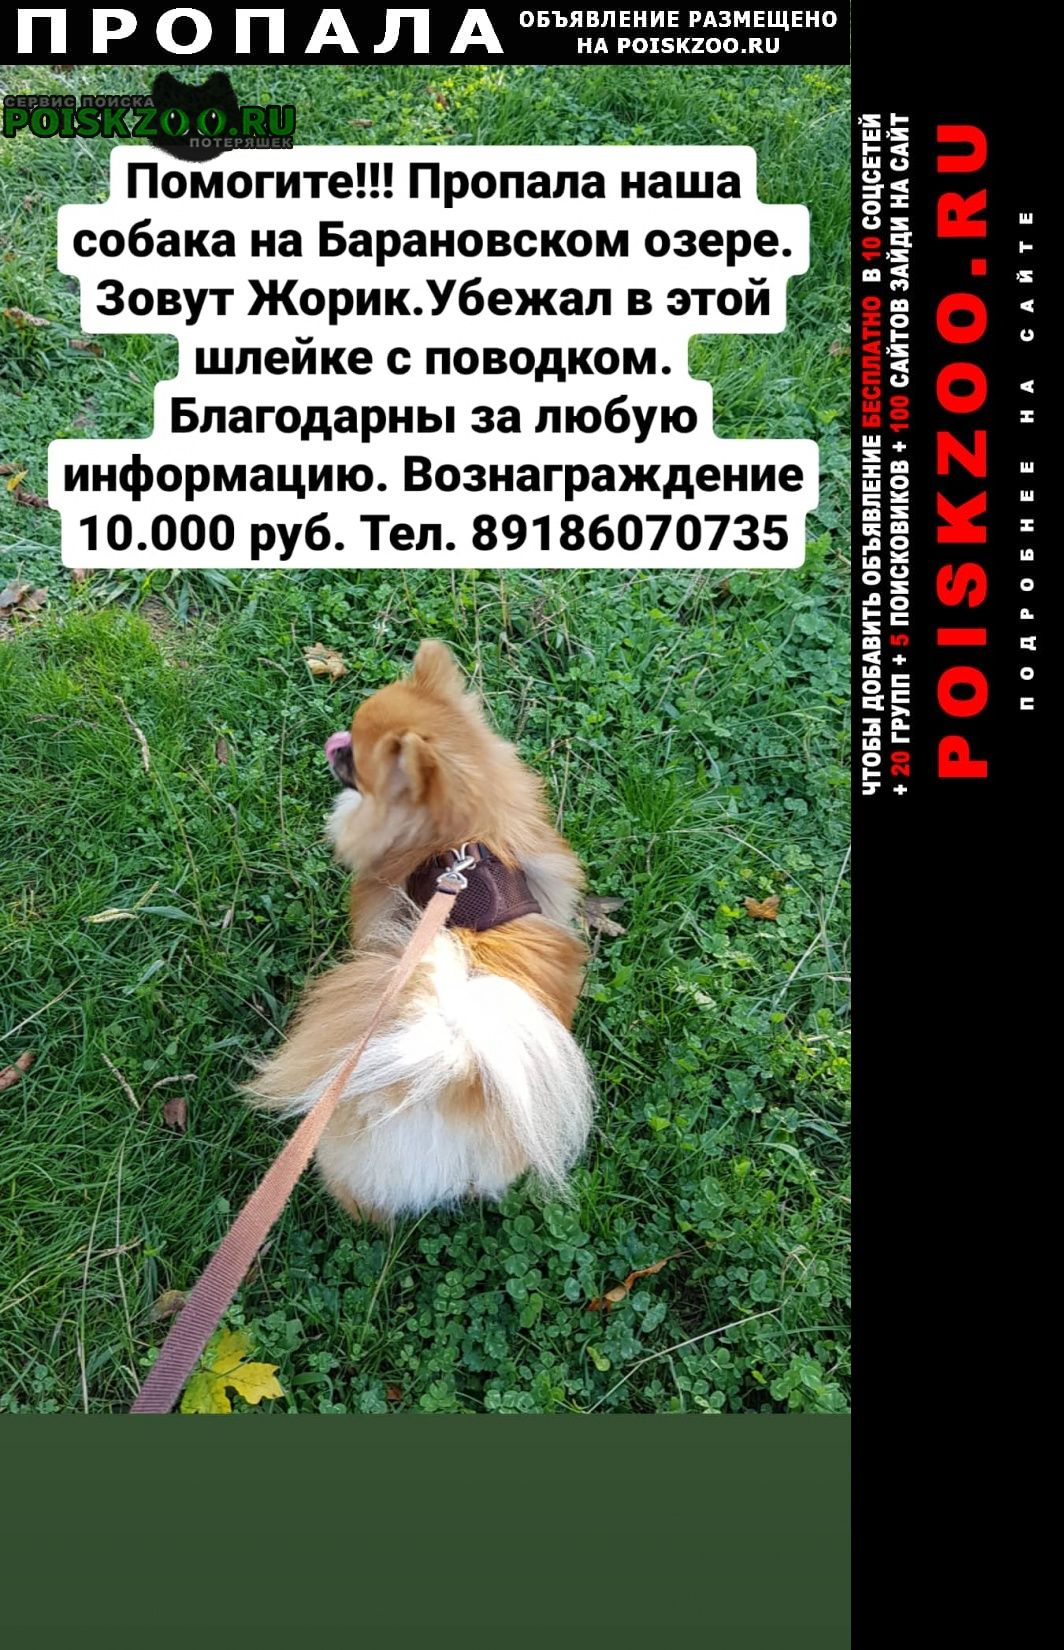 Сочи Пропала собака помогите